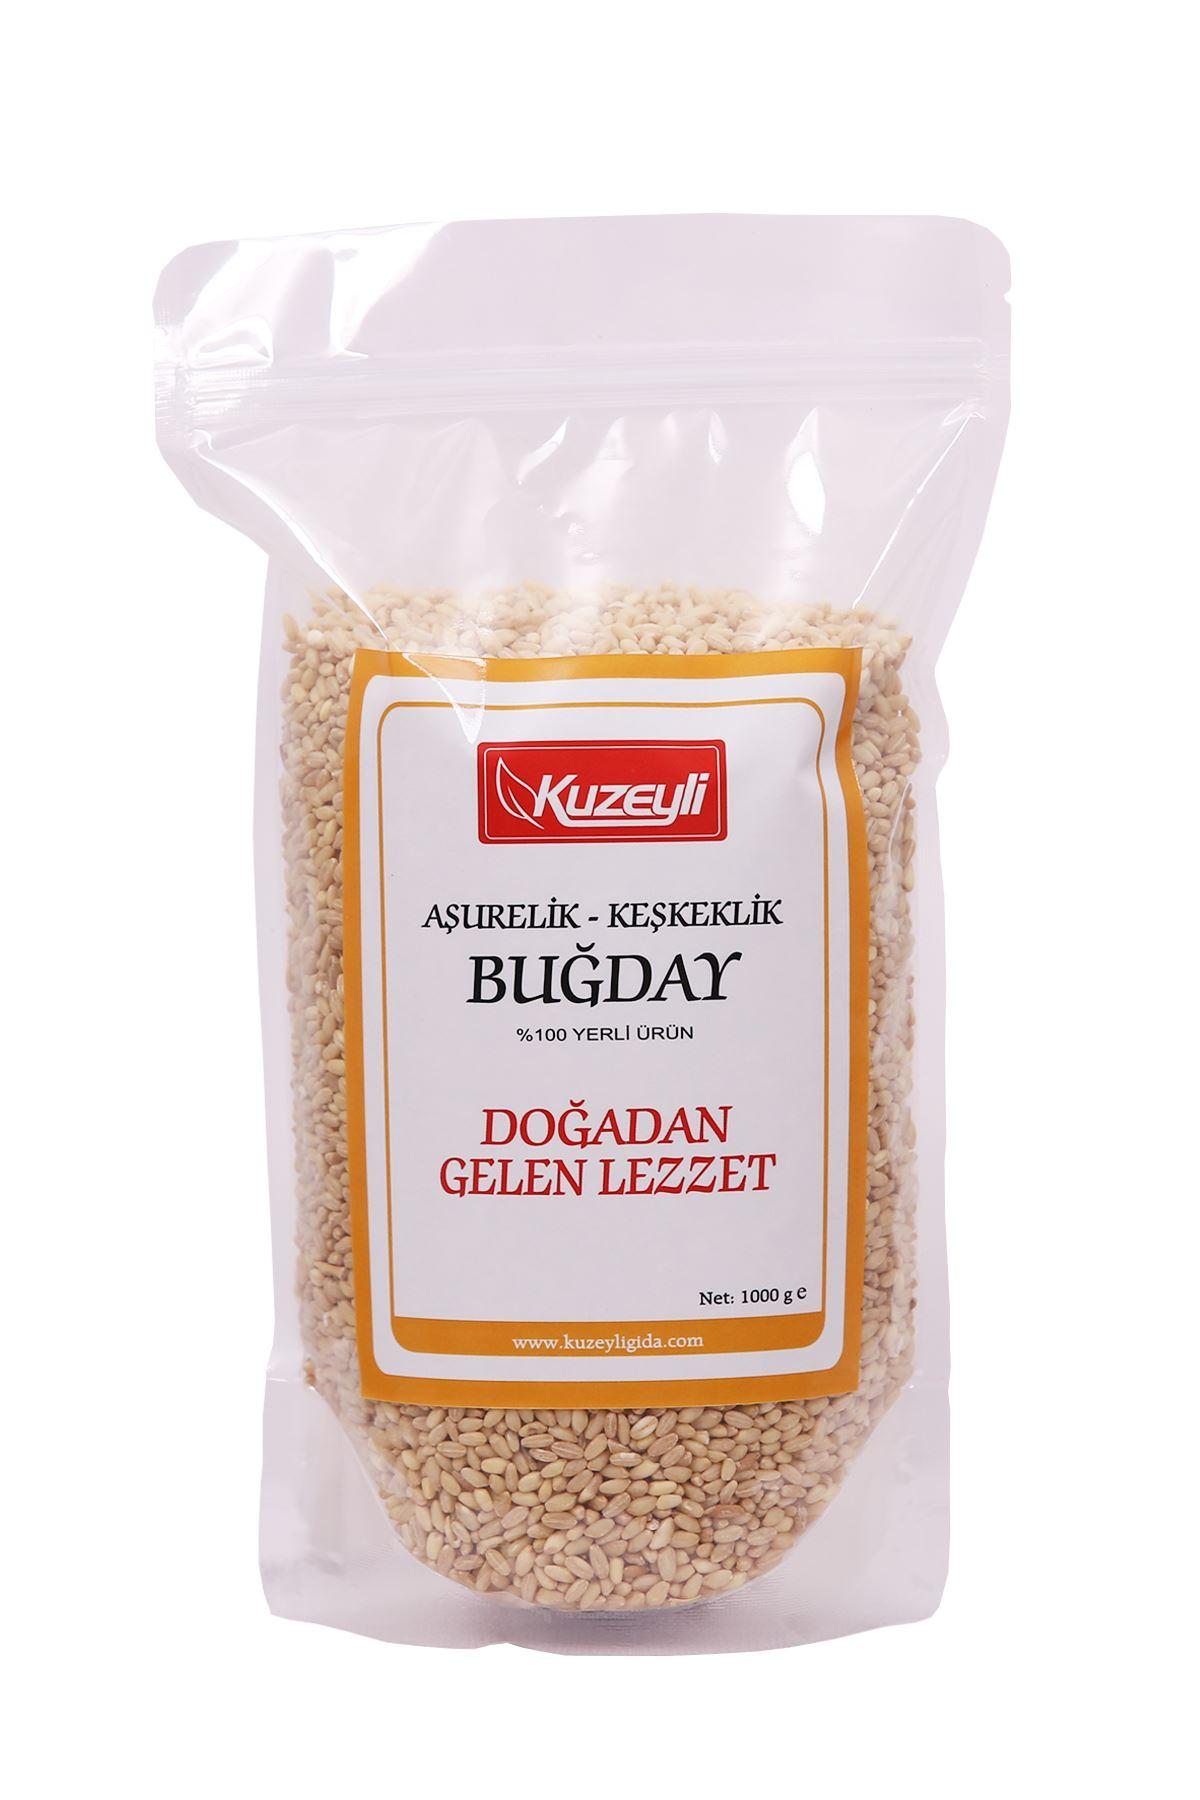 Buğday Aşurelik -Keşkeklik 1 Kg